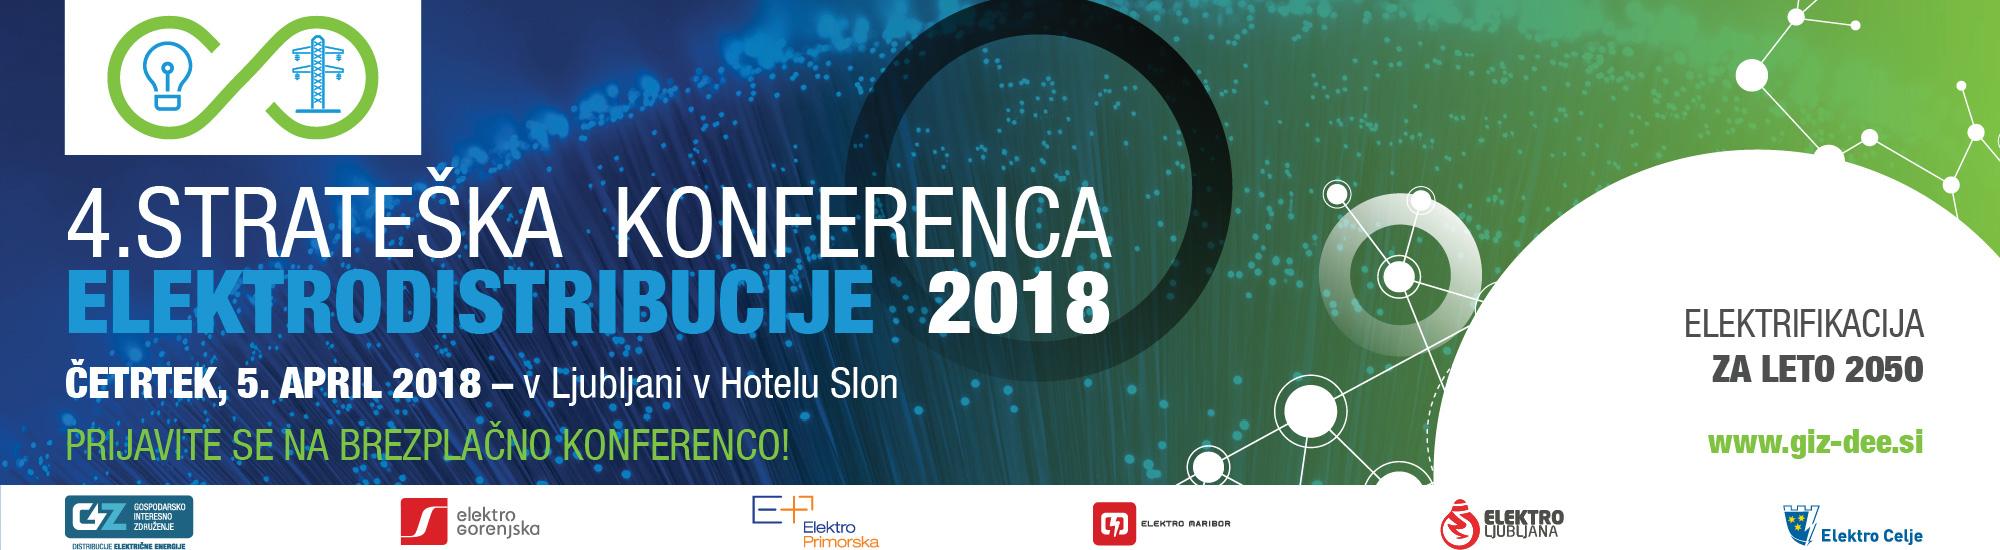 Strateška konferenca elektrodistribucije